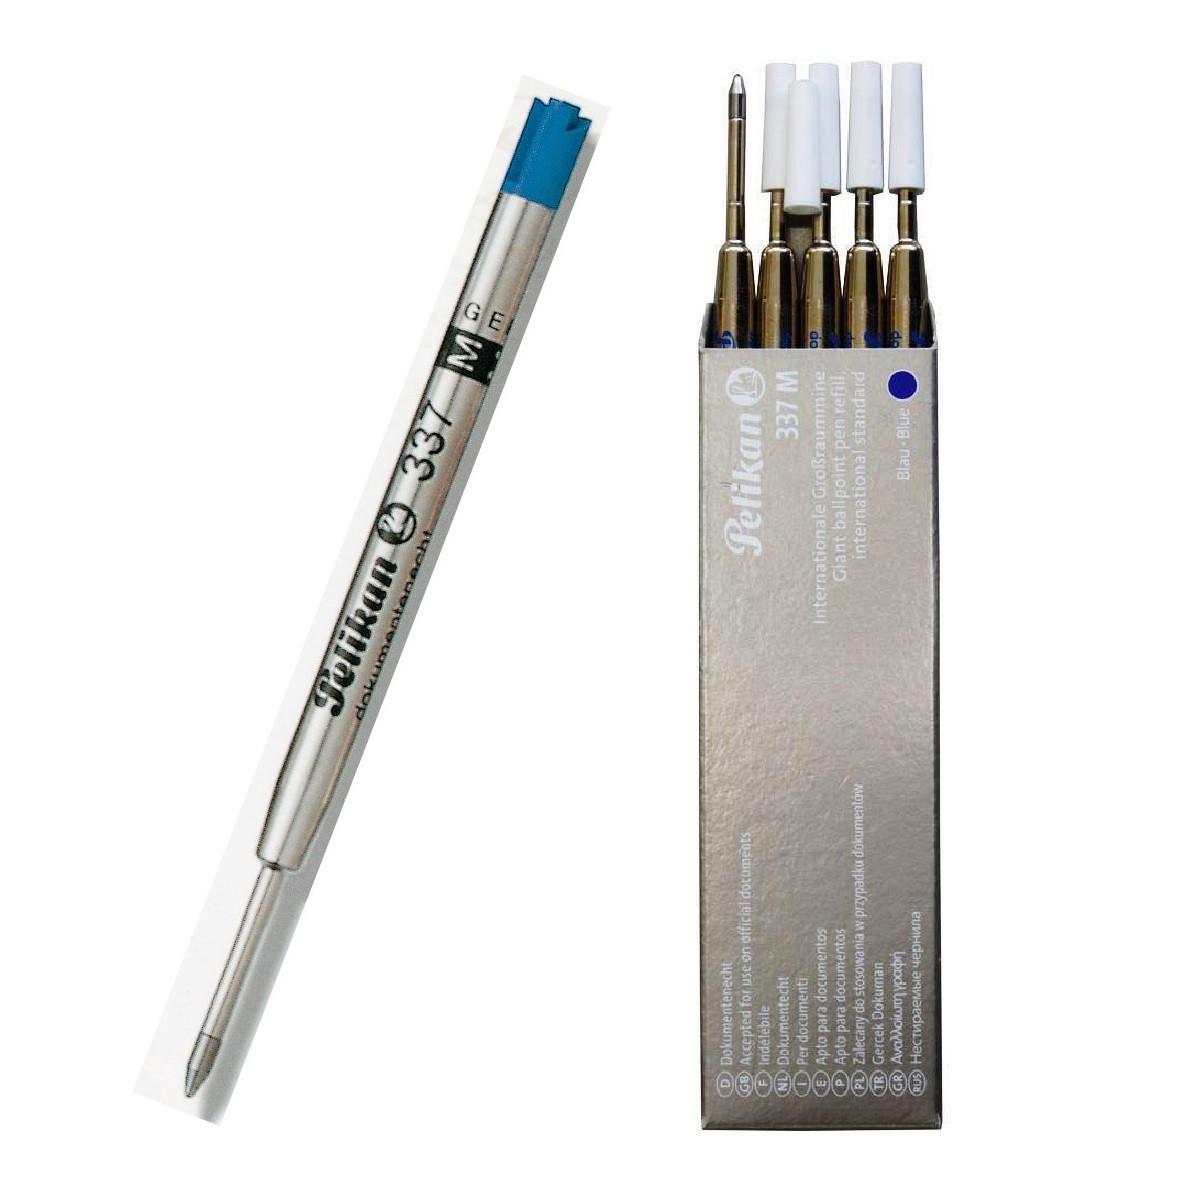 Набор стержней для шарковой ручки 5шт Pelikan 337M метал синие